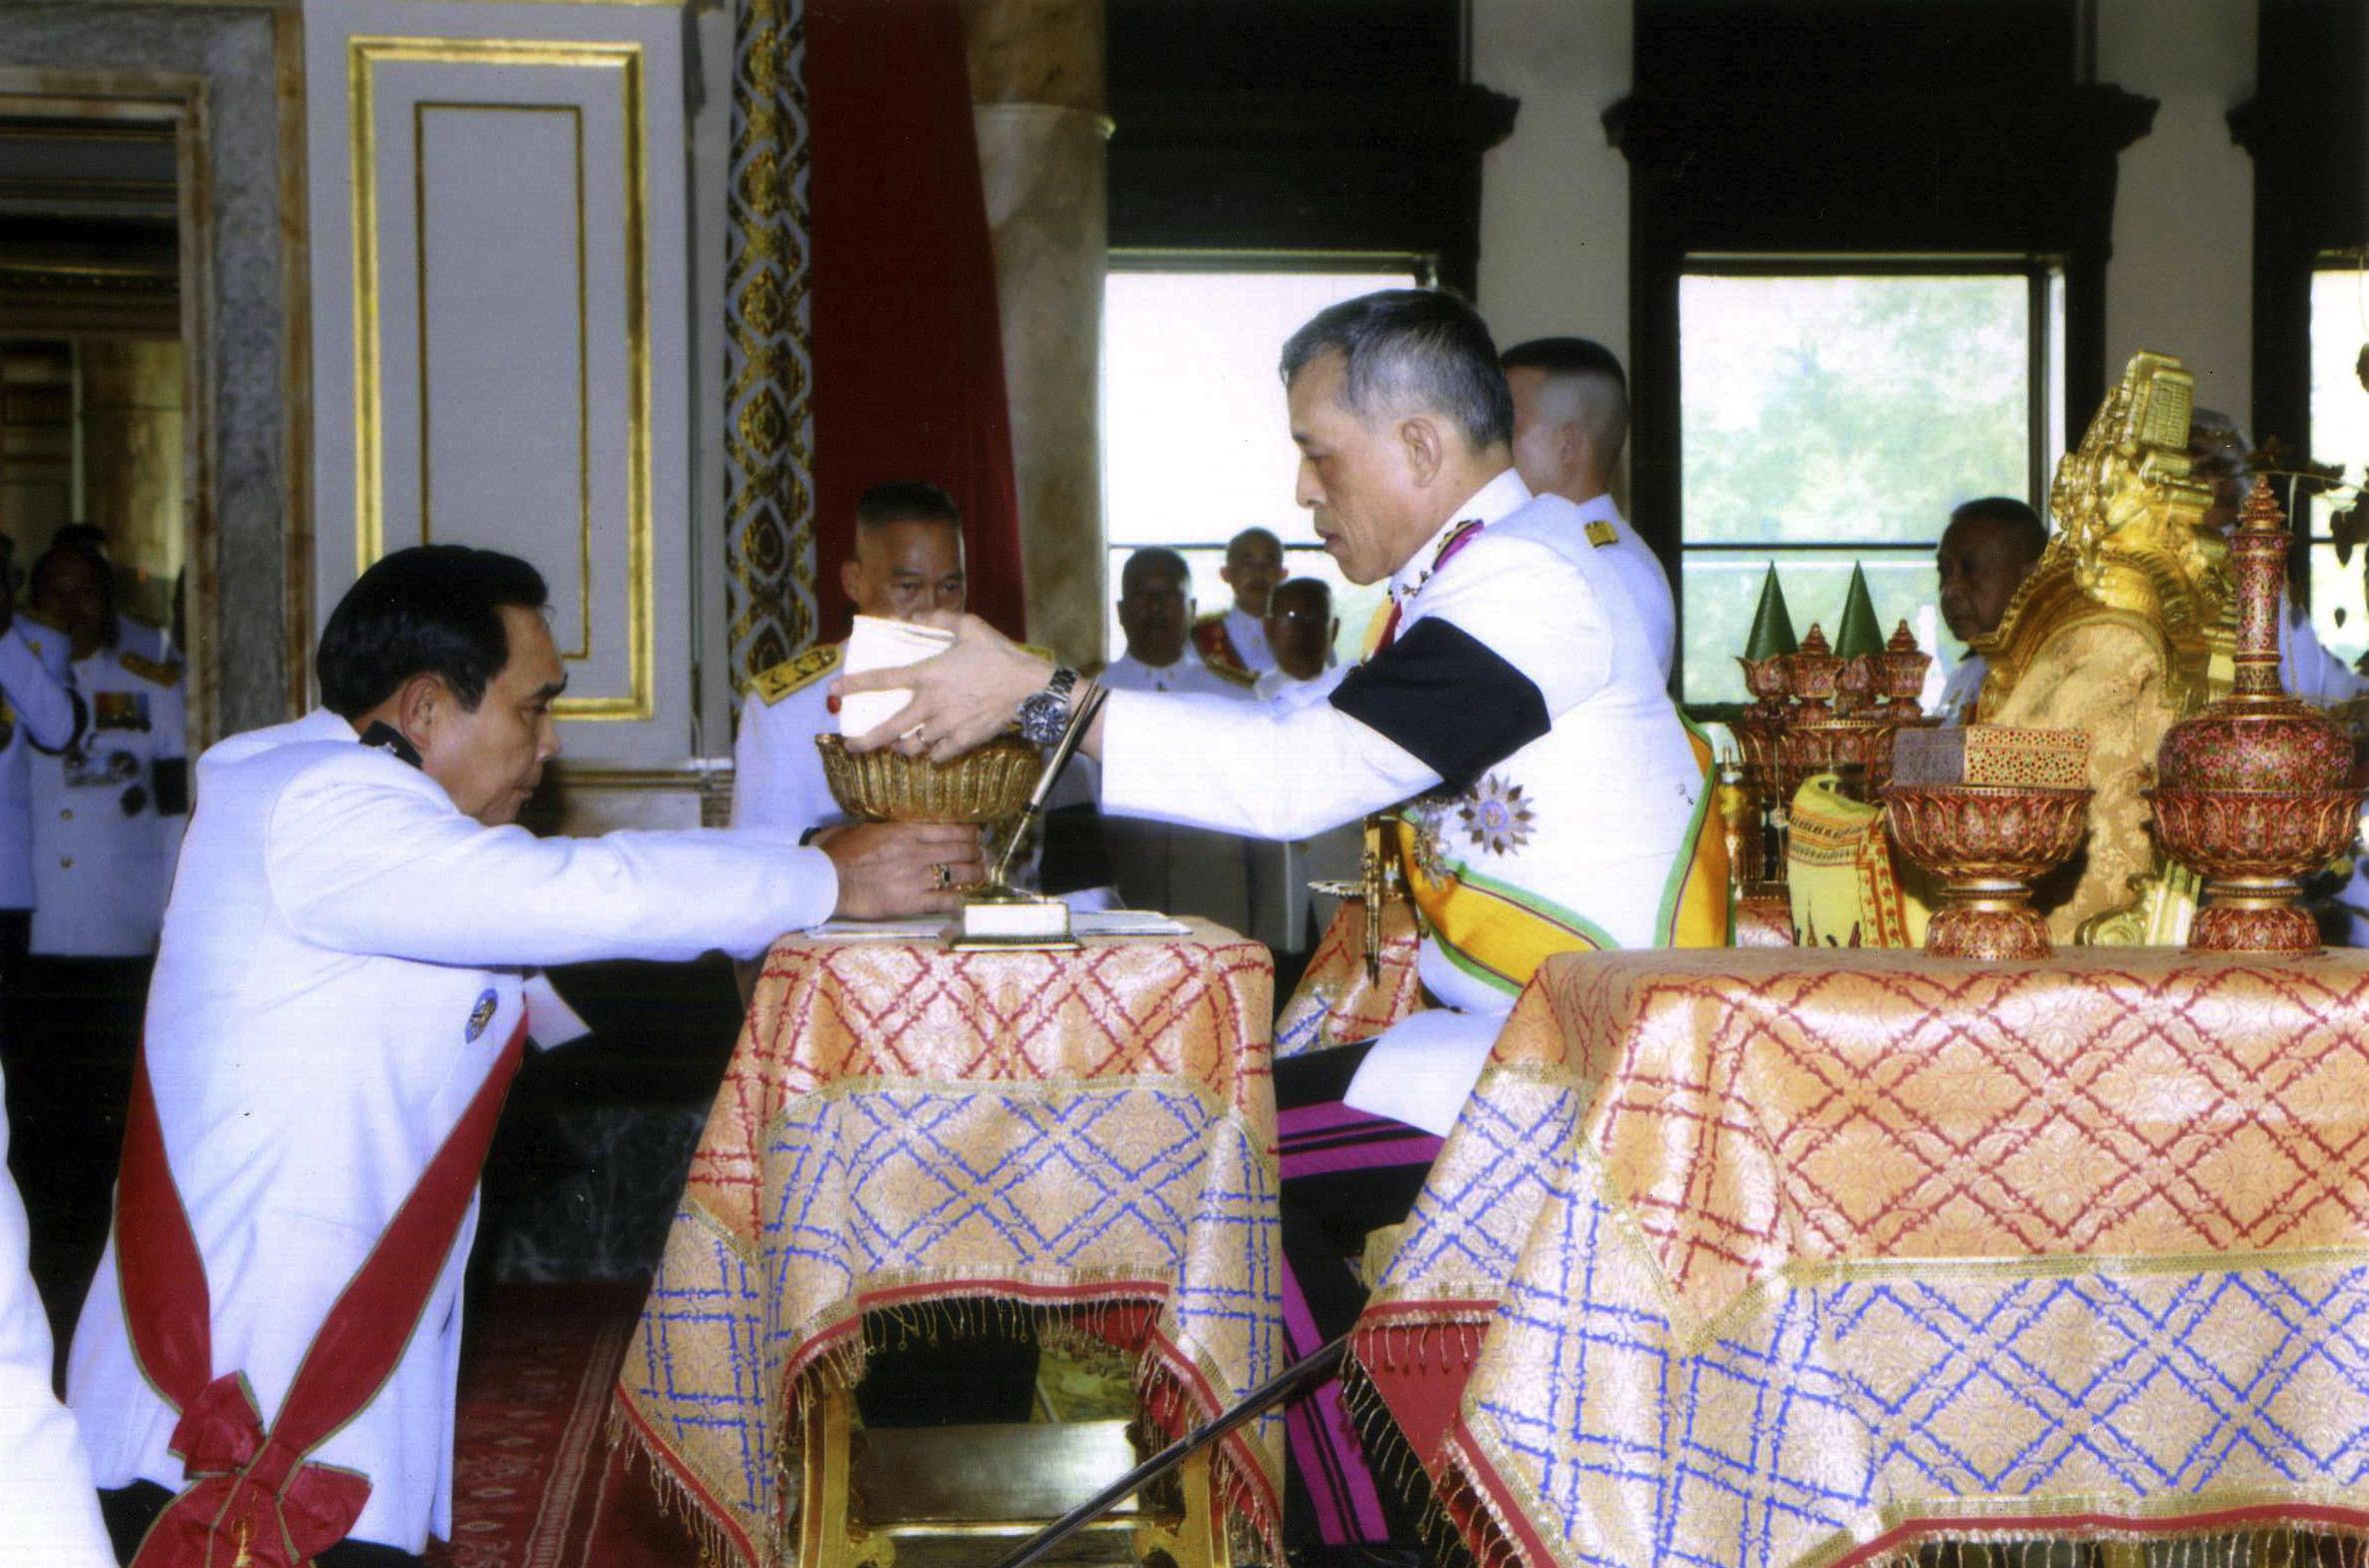 El Rey Vajiralongkorn Bodindradebayavarangkun (derecha) firma la nueva constitución de la junta durante la ceremonia junto al Primer Ministro y líder de la junta Prayuth Chan-ocha (izquierda) | Fuente: Associated Press